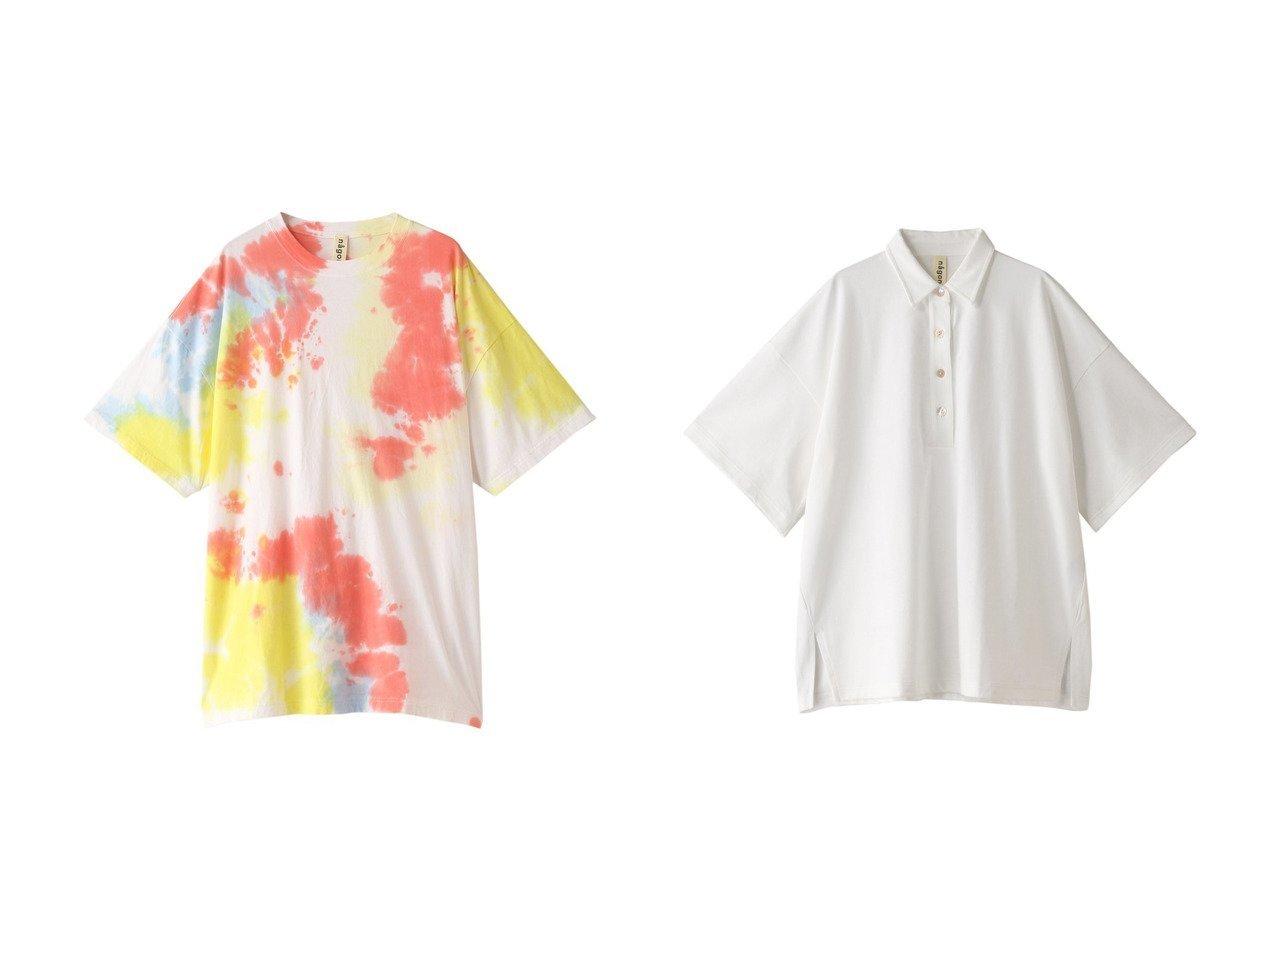 【nagonstans/ナゴンスタンス】のコーマ天竺 Tiedye Tシャツ&Heavy Jersey BIG ポロシャツ 【トップス・カットソー】おすすめ!人気、トレンド・レディースファッションの通販 おすすめで人気の流行・トレンド、ファッションの通販商品 メンズファッション・キッズファッション・インテリア・家具・レディースファッション・服の通販 founy(ファニー) https://founy.com/ ファッション Fashion レディースファッション WOMEN トップス・カットソー Tops/Tshirt キャミソール / ノースリーブ No Sleeves シャツ/ブラウス Shirts/Blouses ロング / Tシャツ T-Shirts カットソー Cut and Sewn ポロシャツ Polo Shirts おすすめ Recommend なめらか キャミソール タンク トレンド ショート シンプル スリーブ バランス ビッグ フォルム ポロシャツ レギンス 人気 今季 |ID:crp329100000035587